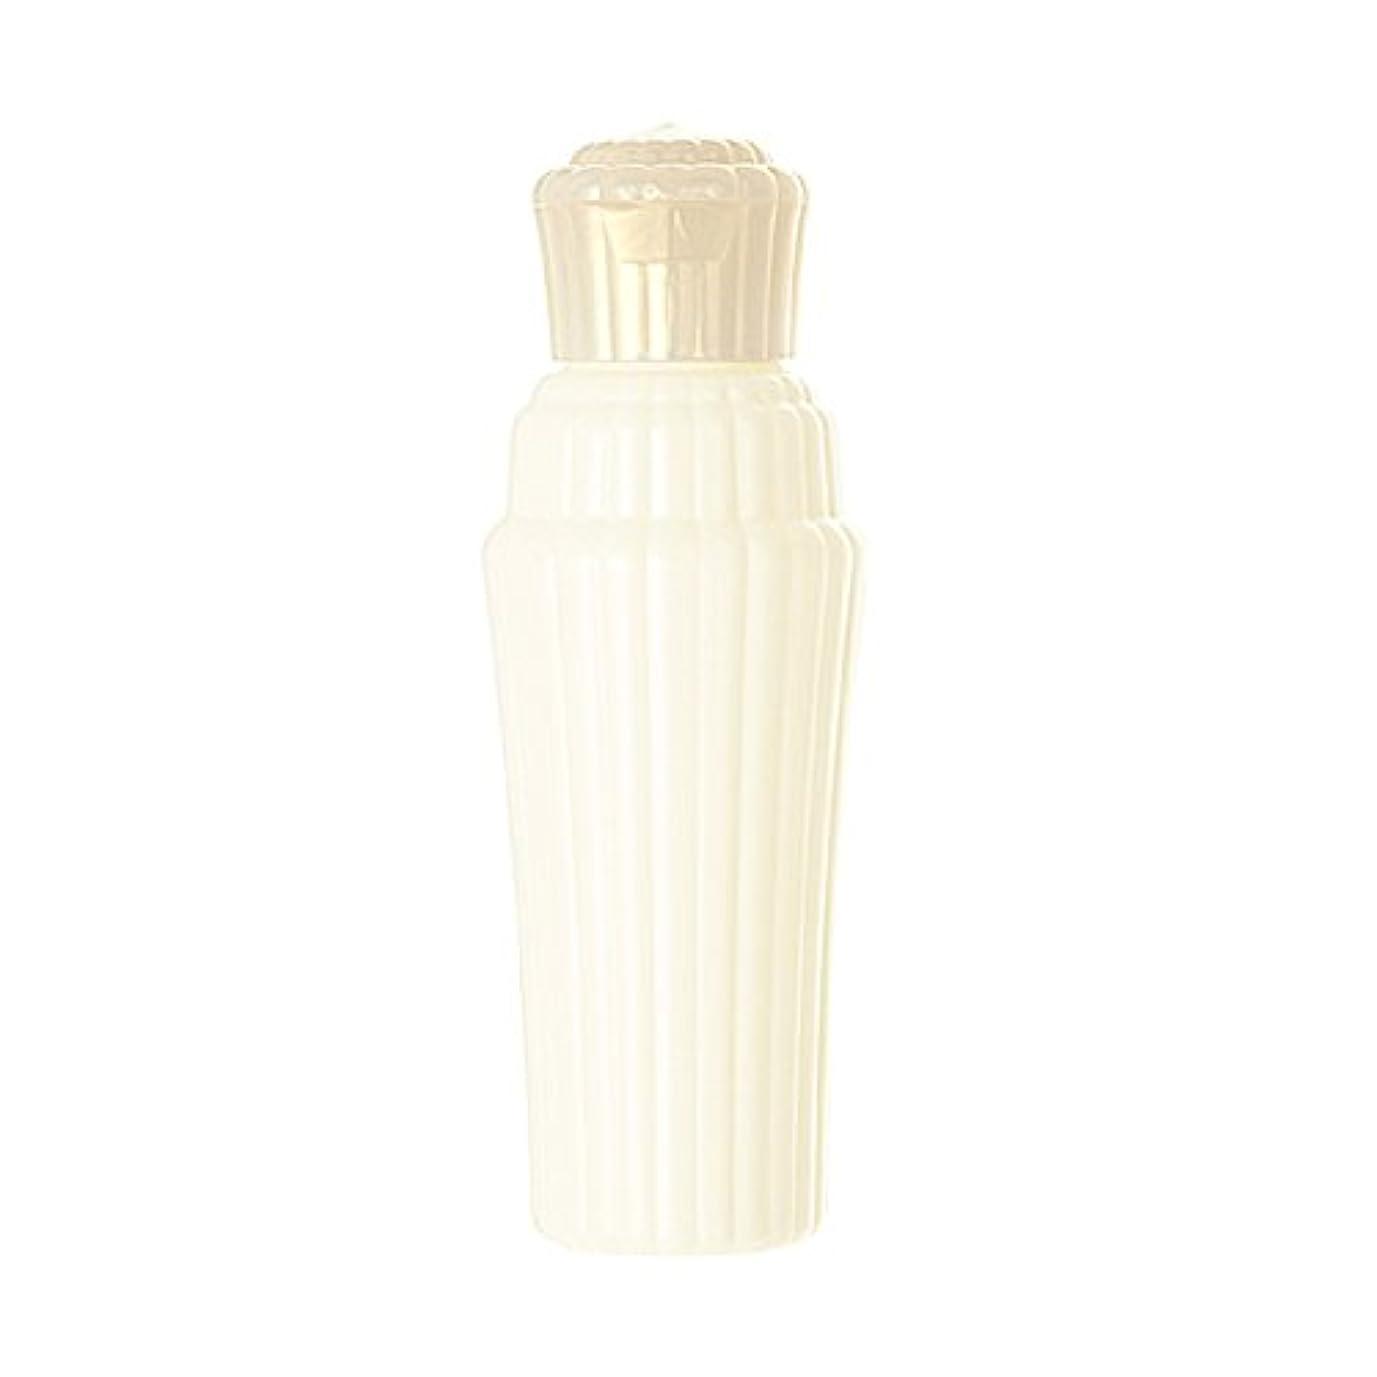 剪断差し引く効果的にアユーラ (AYURA) クリアフォーミングミルク 150mL 〈ミルク状洗顔料〉